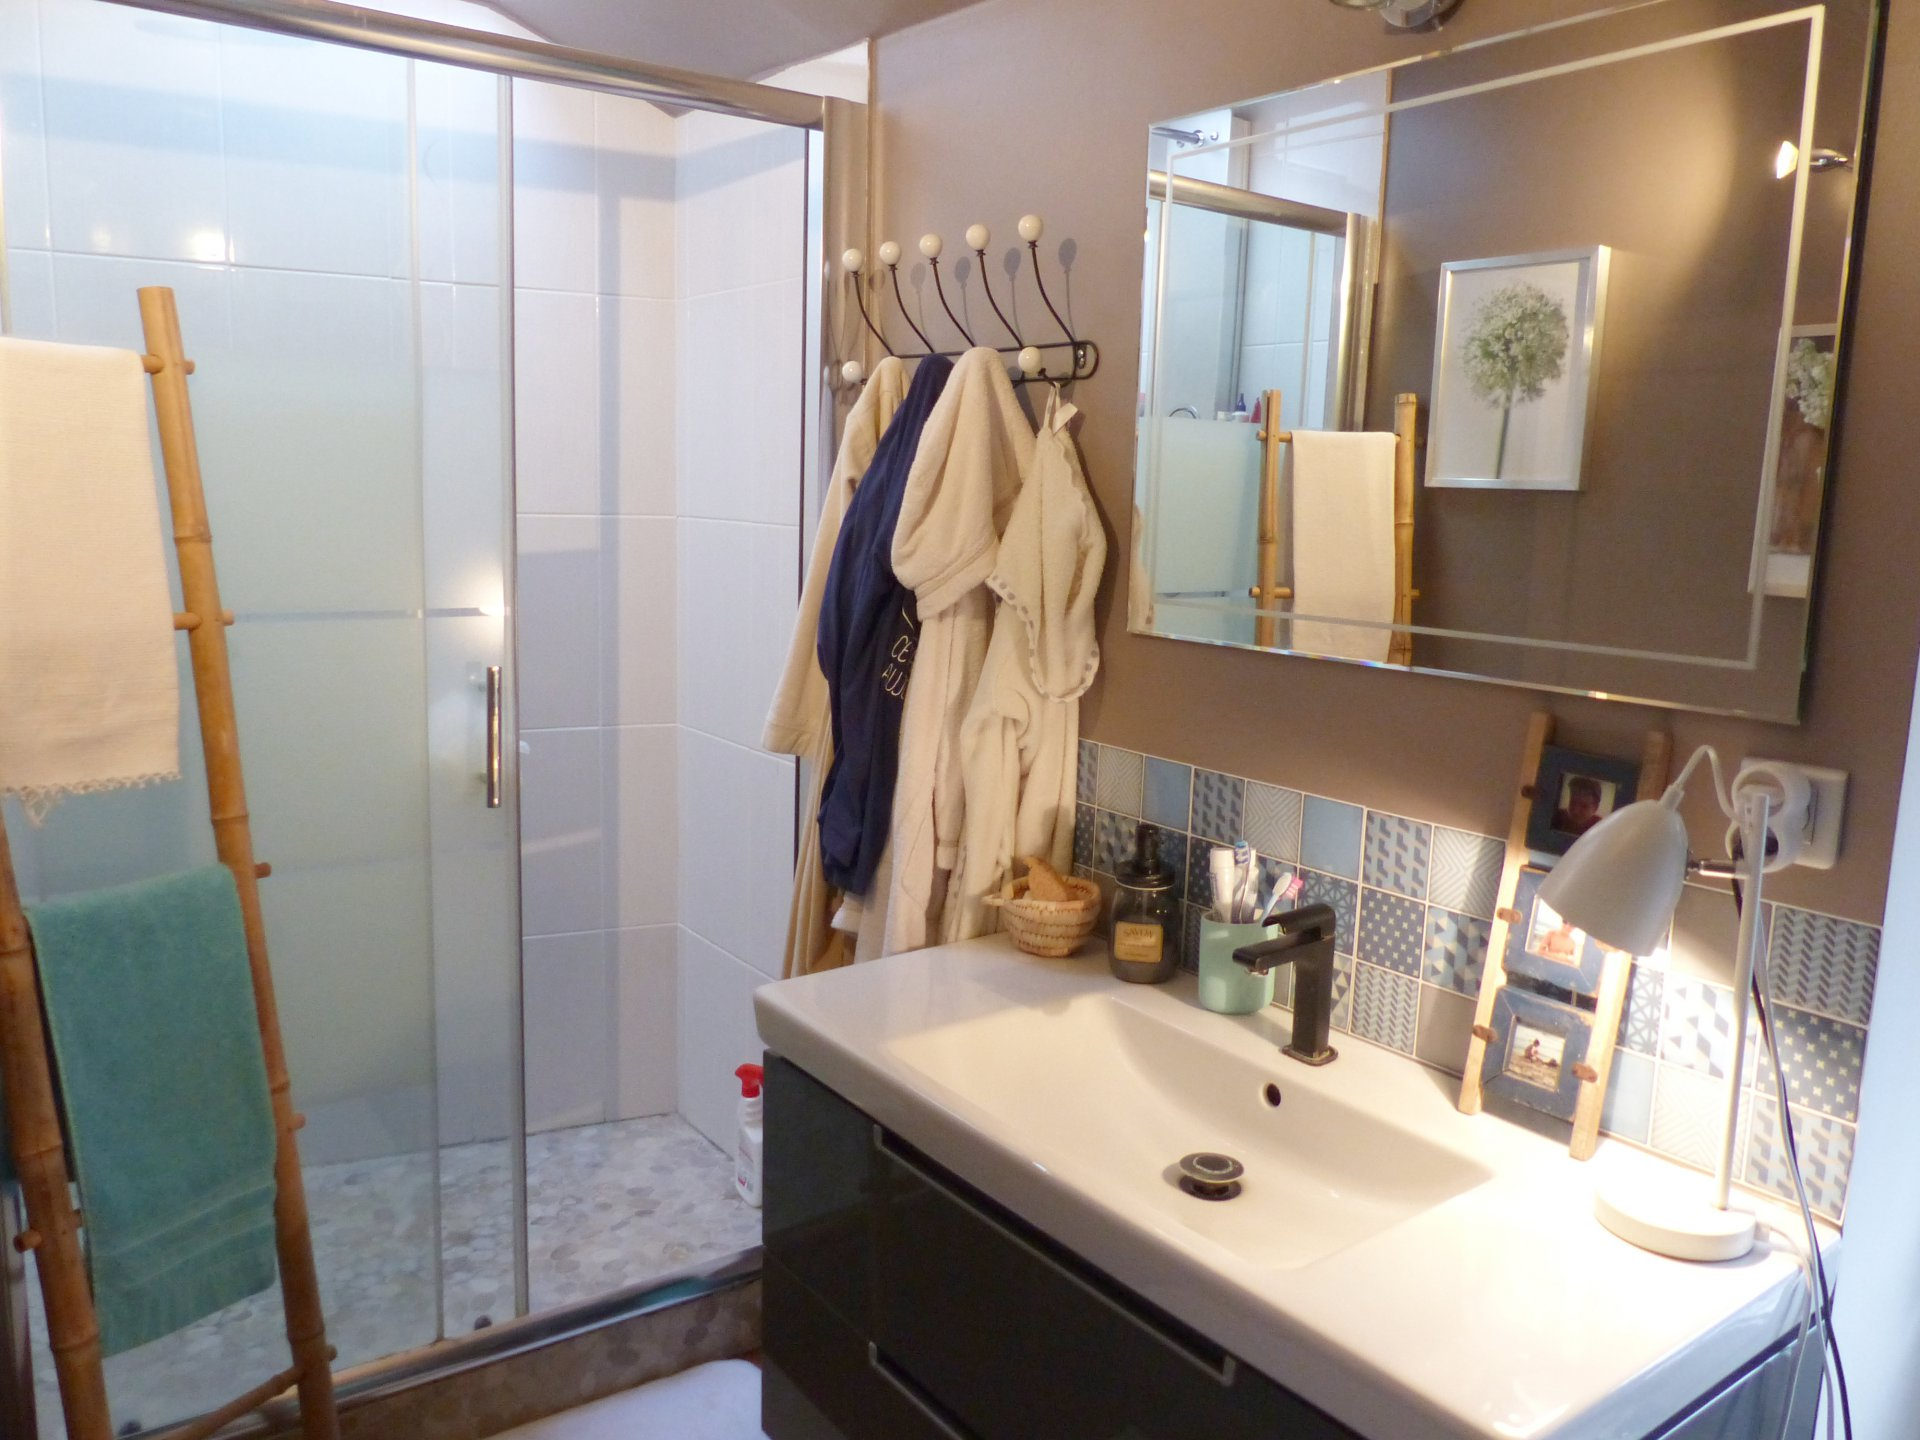 RARE, à 10 min à pieds du centre de Flacé, au calme absolu, venez découvrir ce bel appartement en duplex rénové d'une surface de 112.88 m². Ce bien dispose d'une vaste pièce de vie avec une cuisine équipée, un salon, trois chambres, un bureau, une salle d'eau, deux toilettes ainsi qu'une buanderie et un cellier. Vous serez séduits par le charme de cet appartement très cosy ainsi que sa très belle terrasse exposée plein sud. Stationnement privatif. Petite copropriété à faibles charges (3 lots principaux). Honoraires à la charge du vendeur.